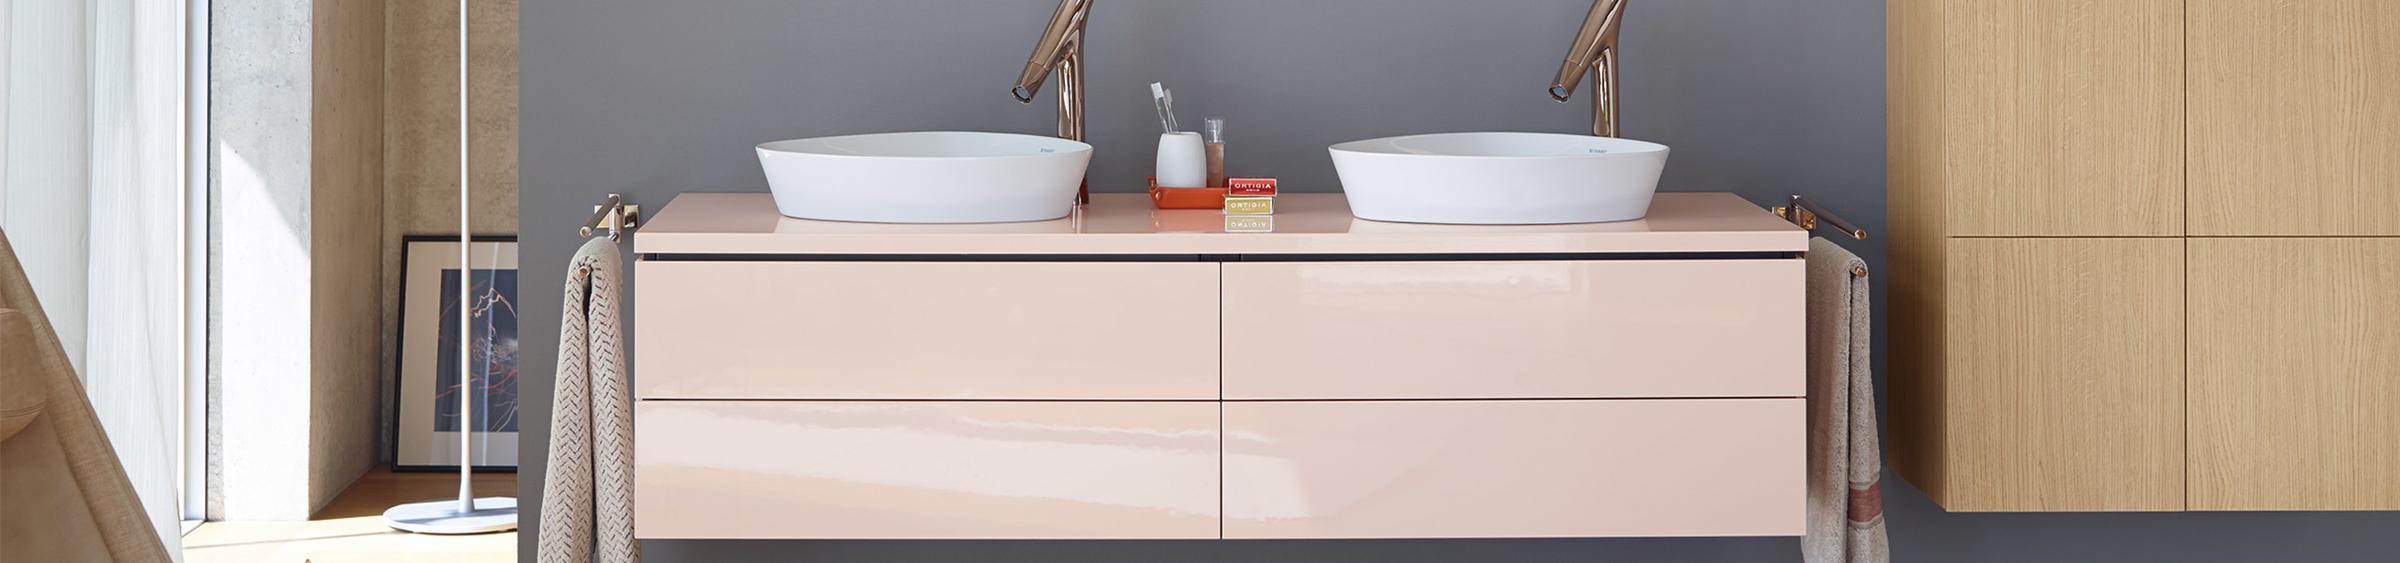 Pastelkleuren in de badkamer - Pastelkleuren in de badkamer